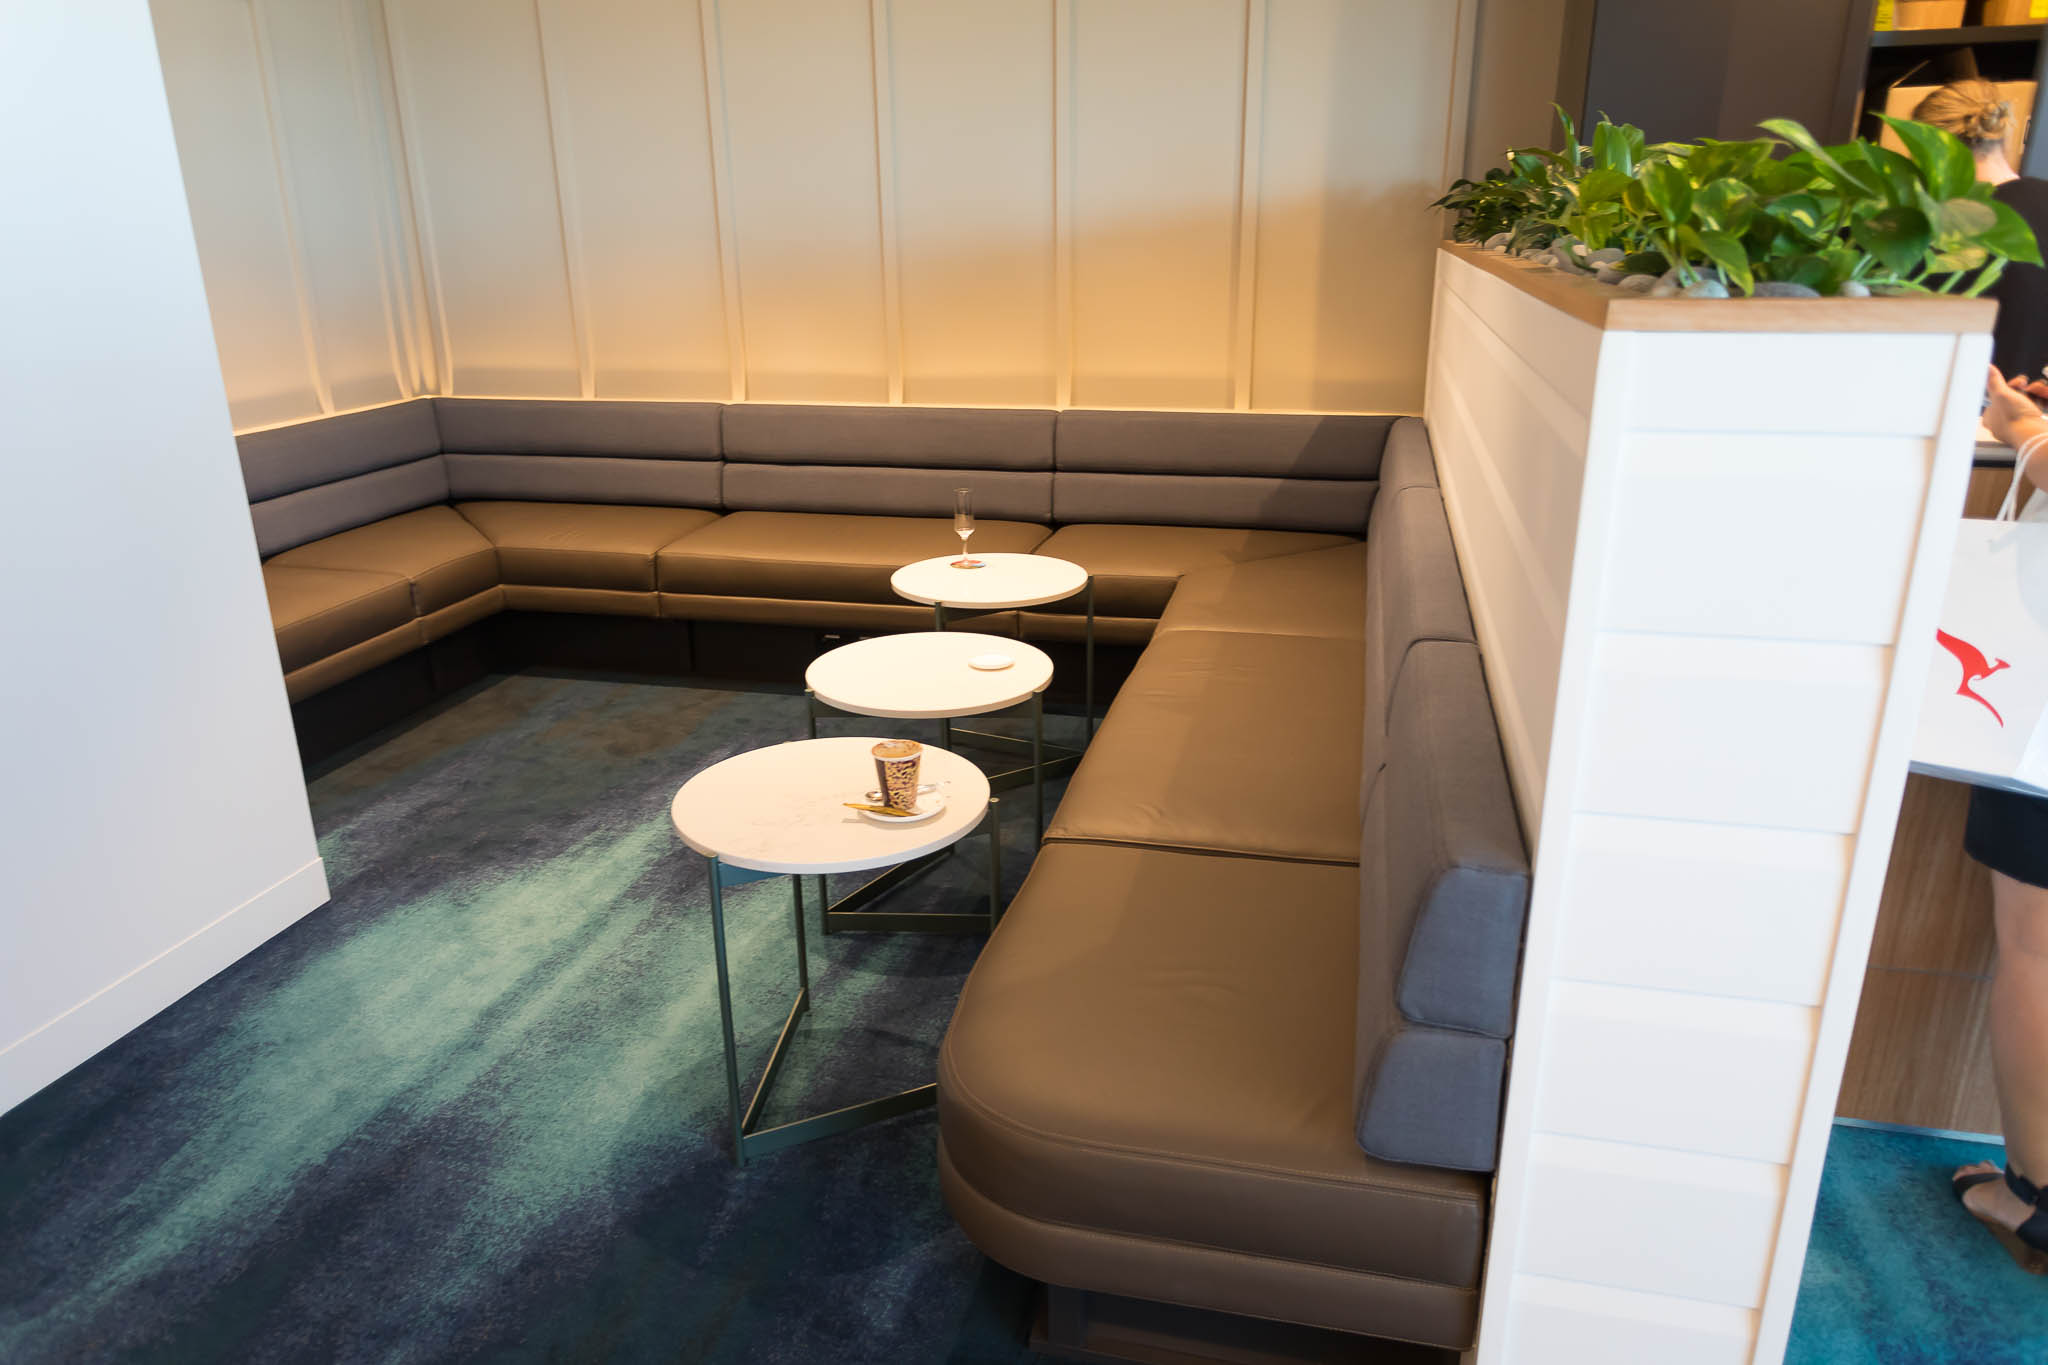 Qantas Brisbane International Lounge Seating